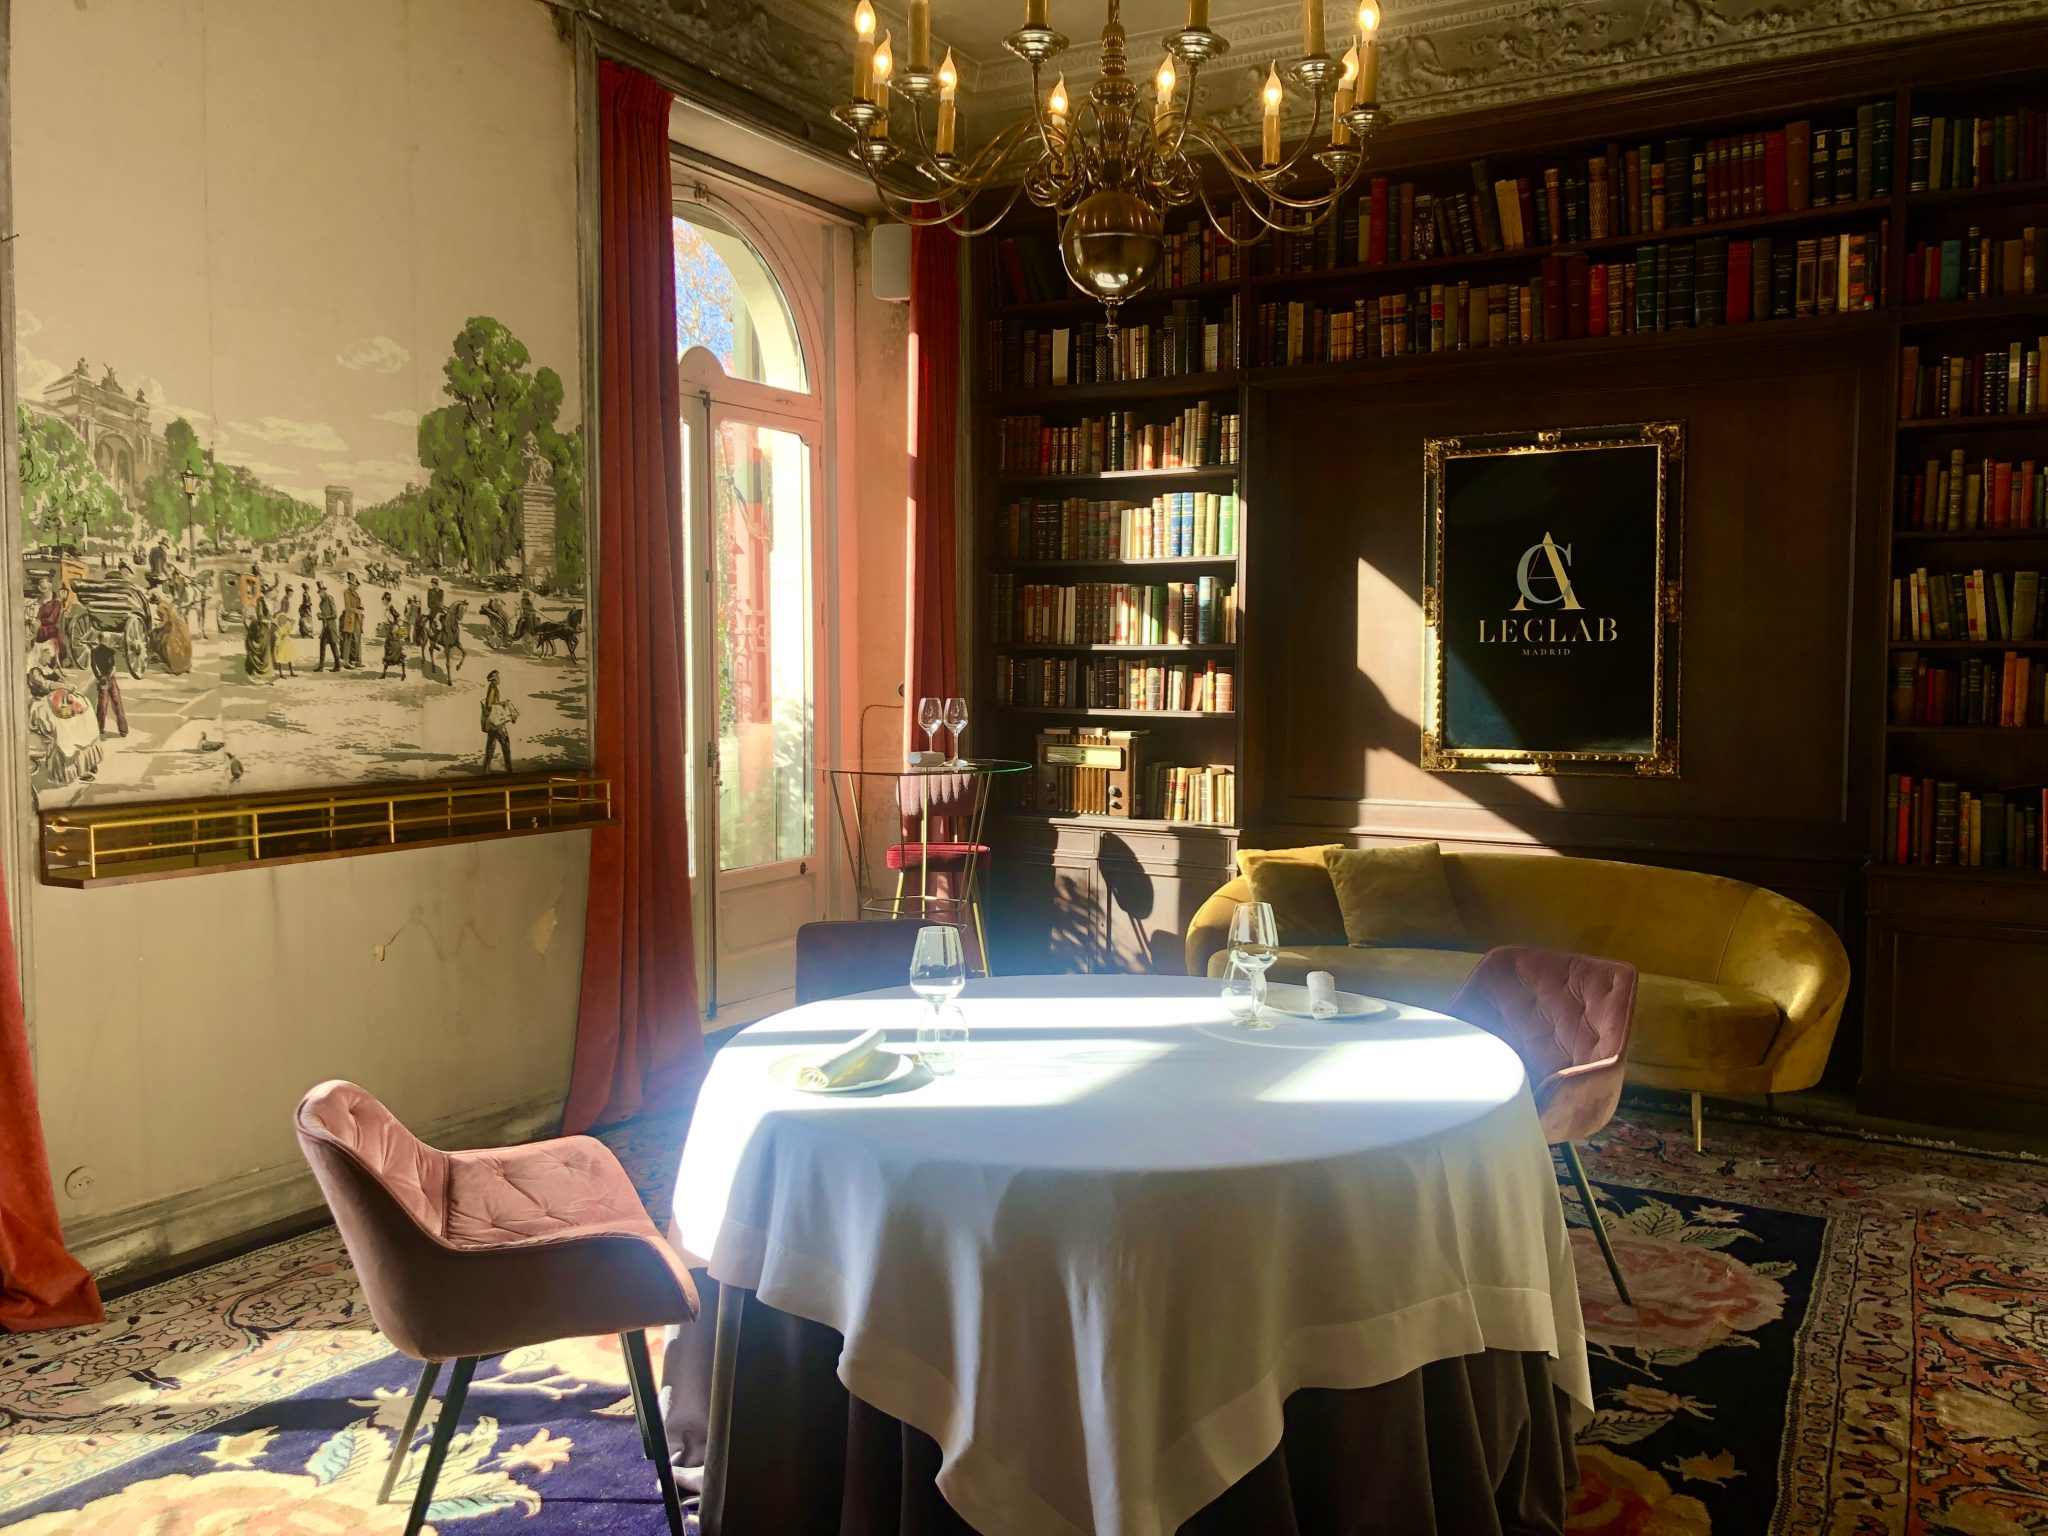 Resultado de imagen de leclab restaurante madrid